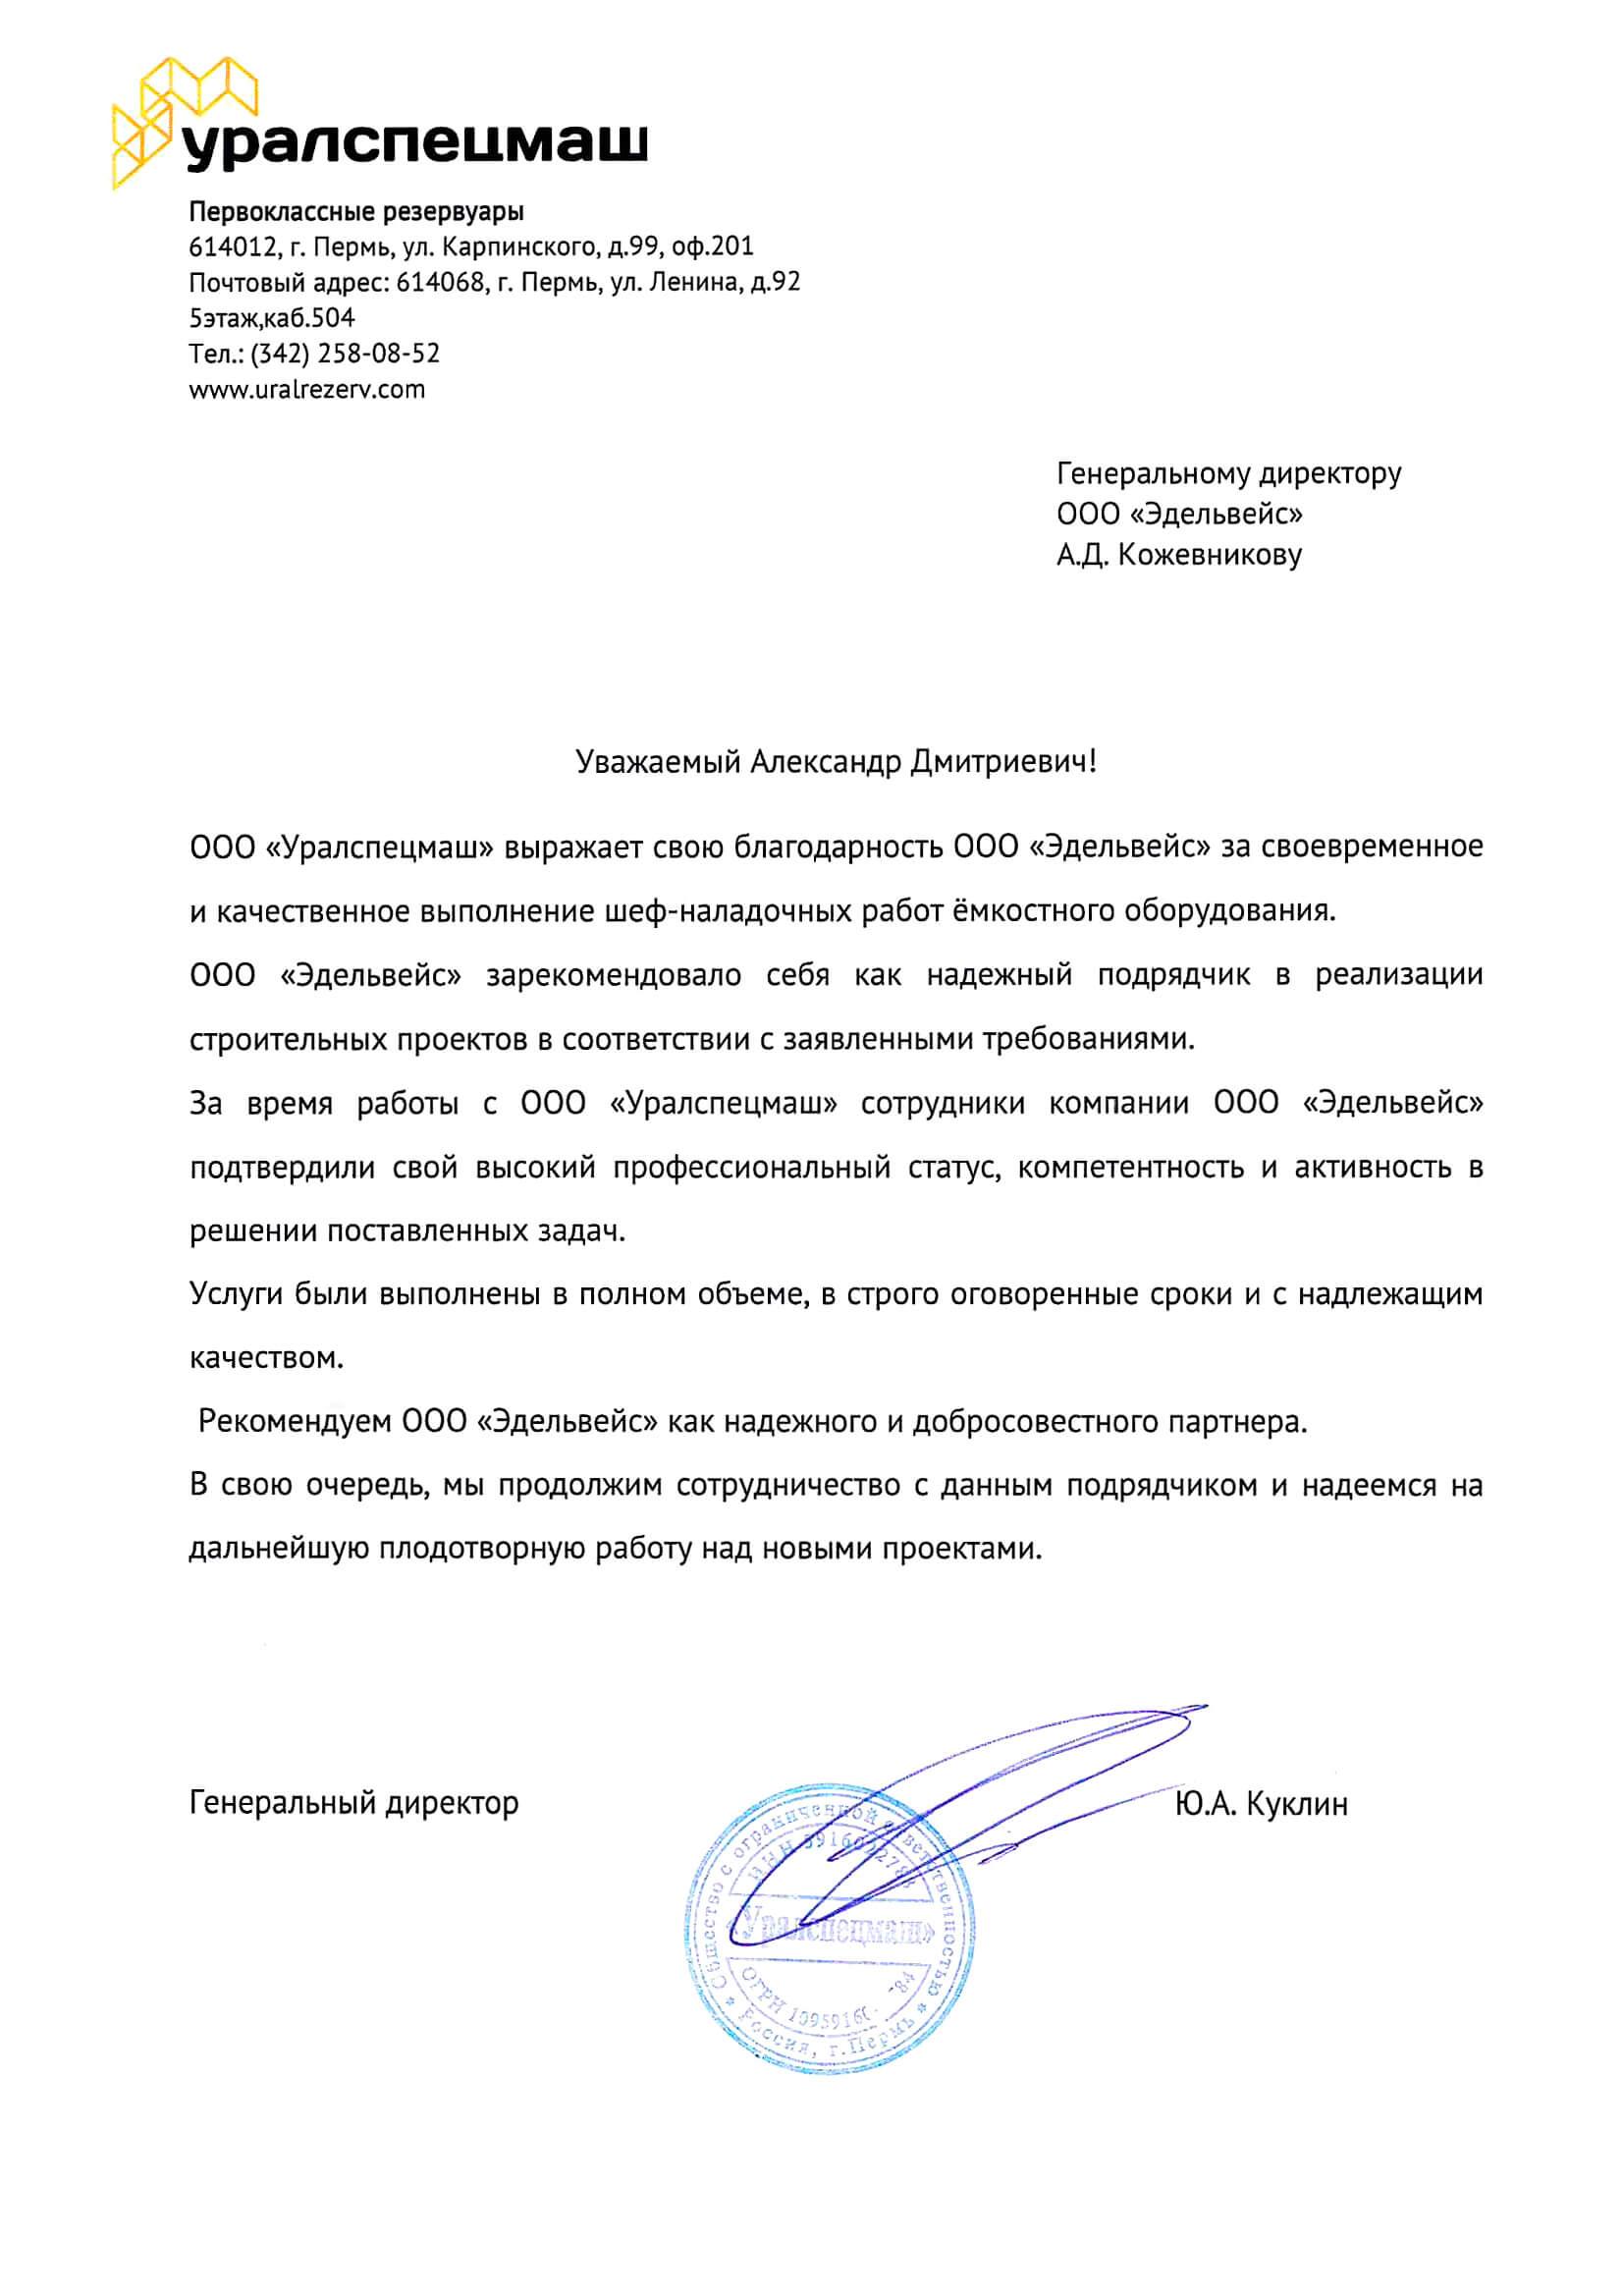 Letter of appreciation from Uralspecmash LLC